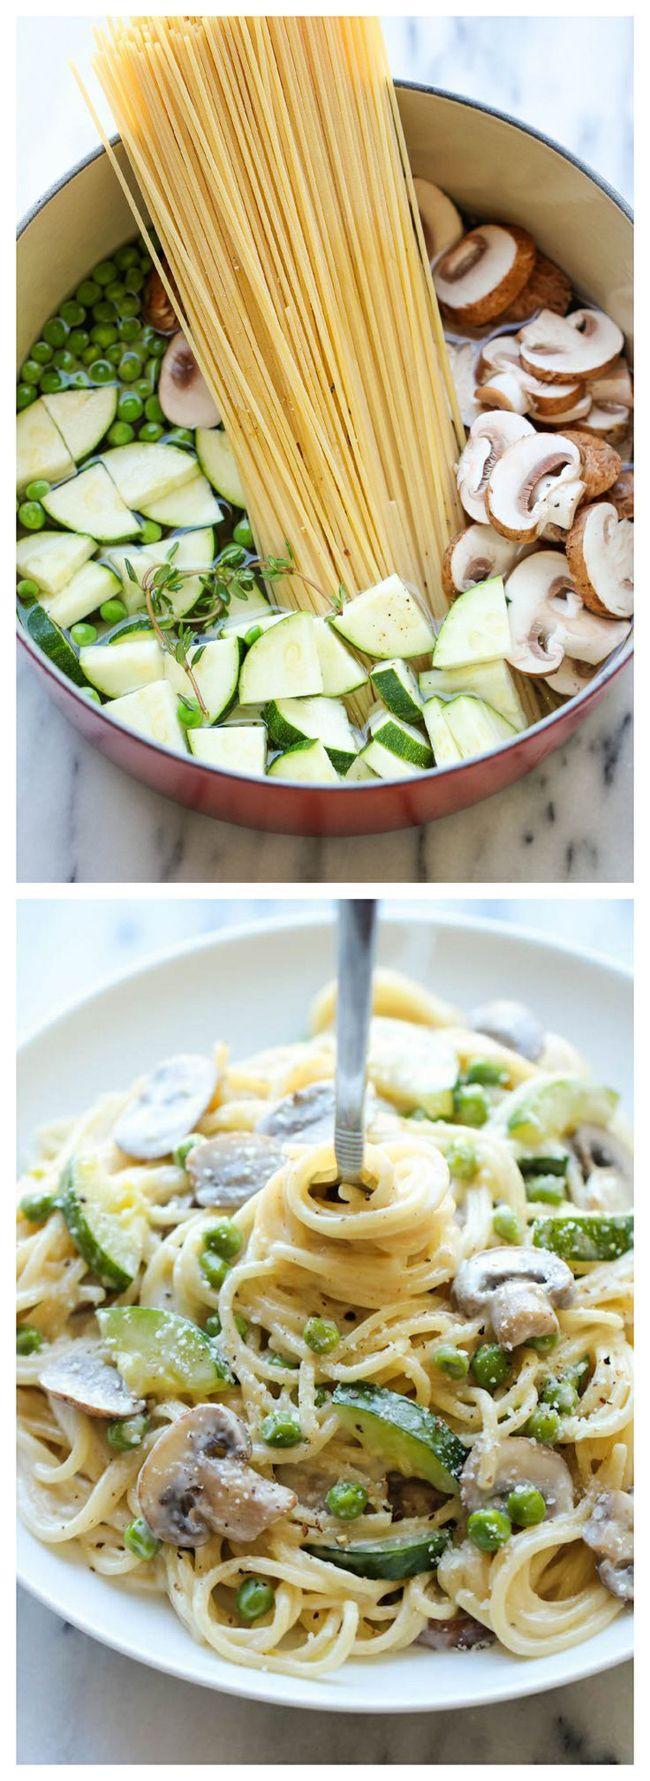 receta-facil-de-pasta - - -> http://tipsalud.com ✅